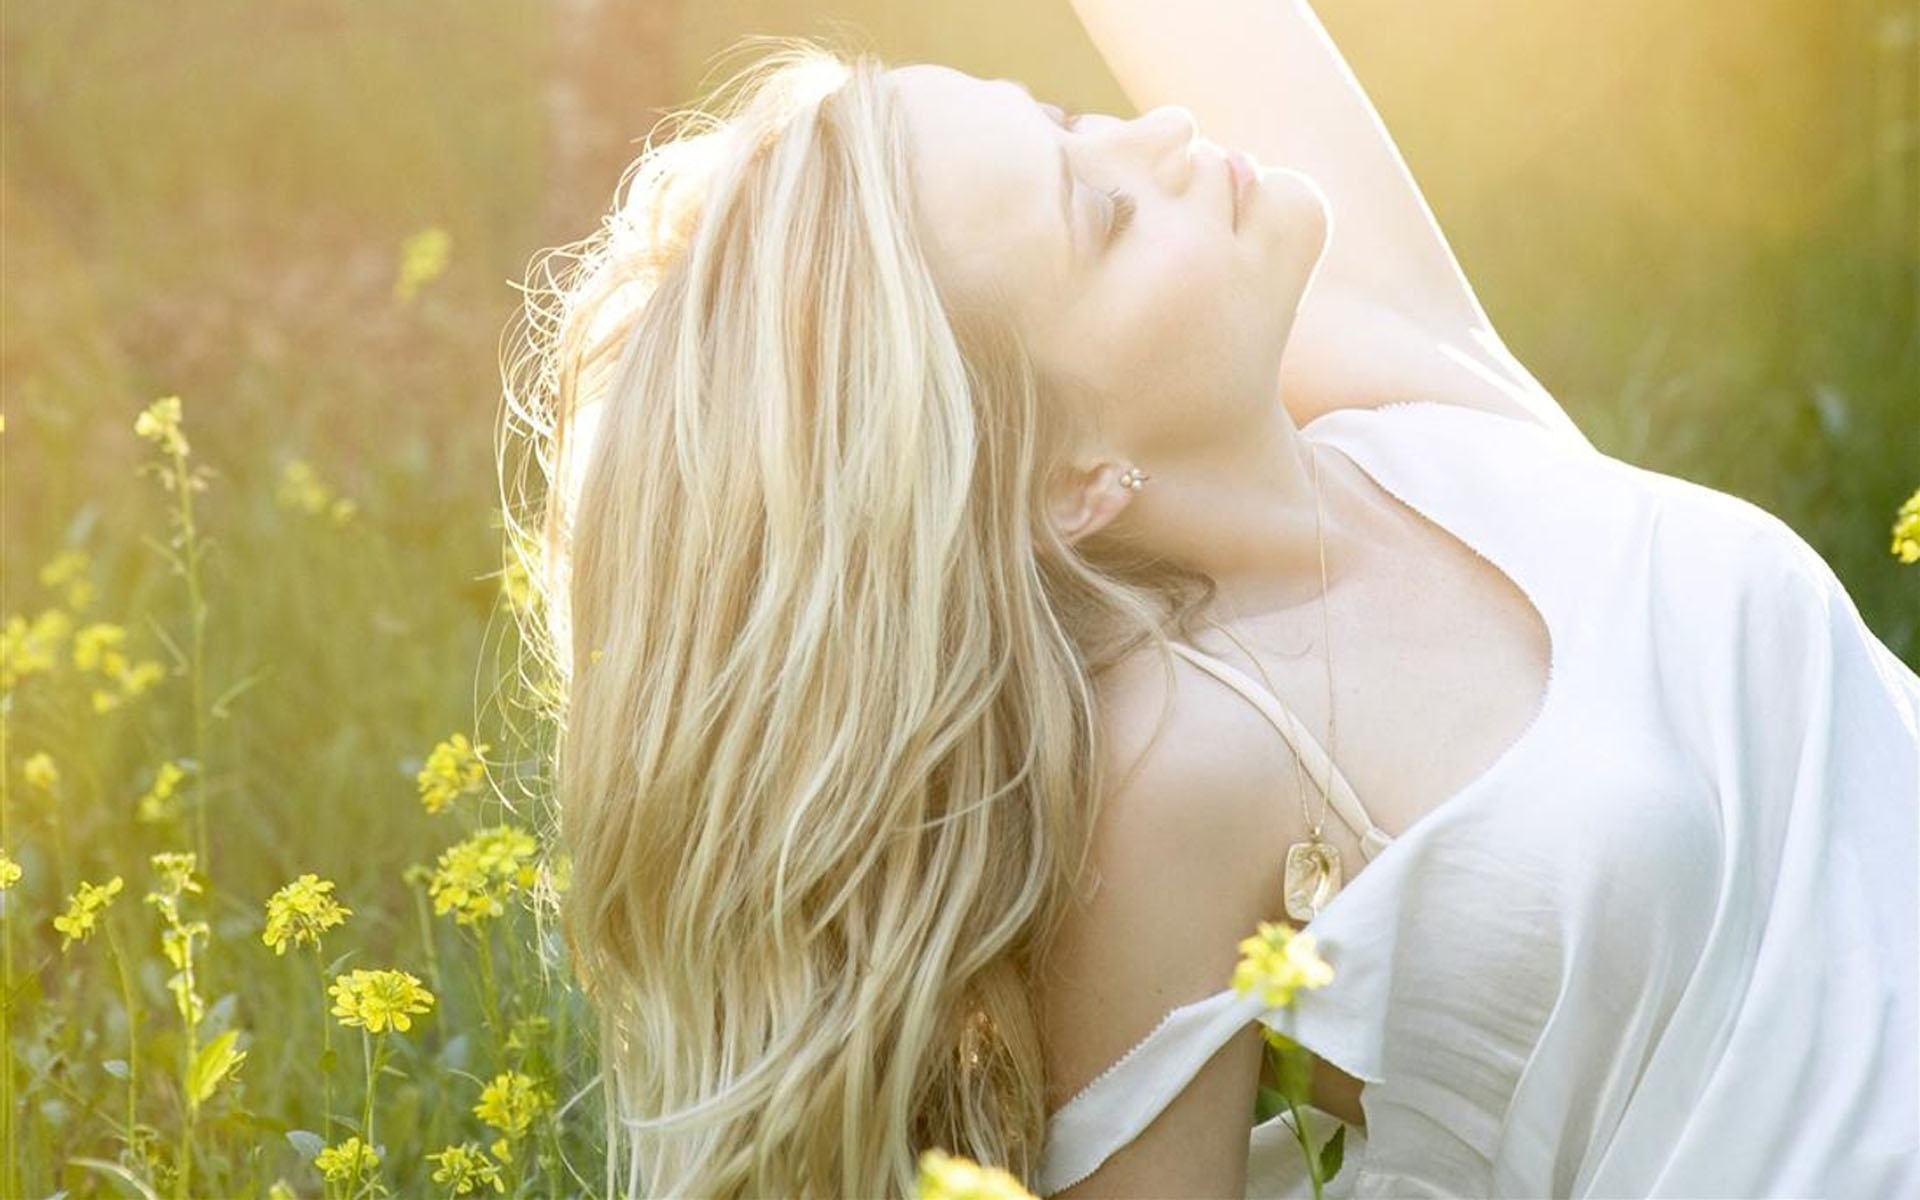 Фото девушек блондинок полубоком